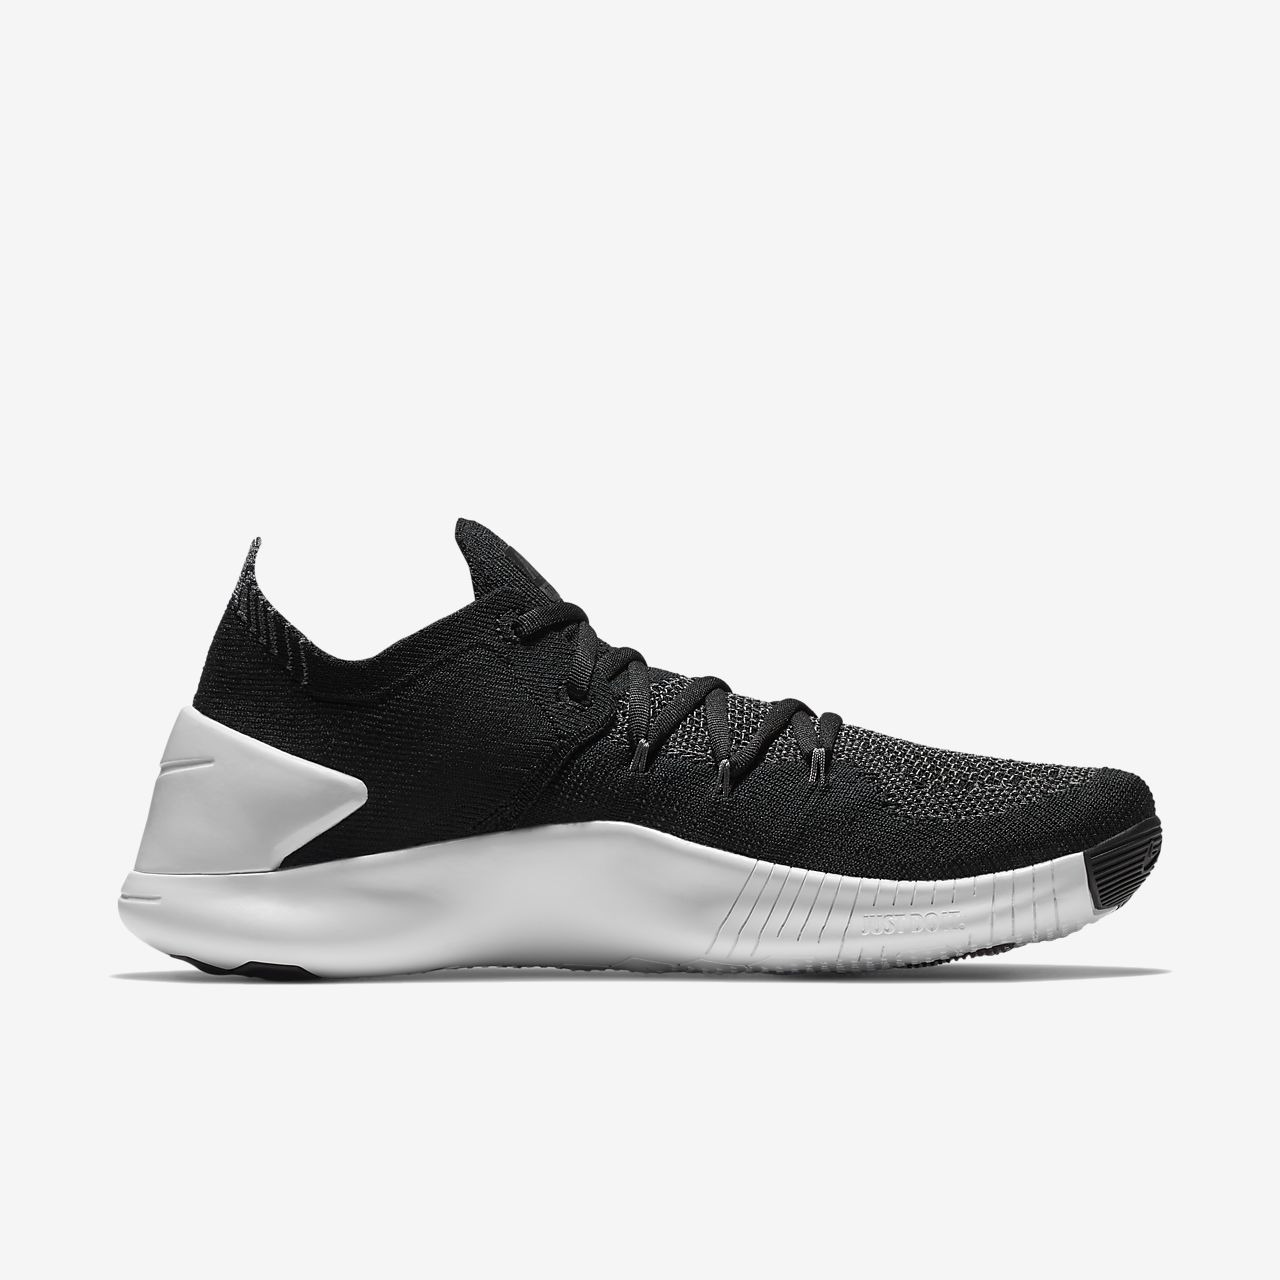 Sneakers Hautes Homme Nike - Baskets En Flyknit Free Tr 3 - Noir  Chaussures de Running Compétition Femme Chaussures à lacets Fretz Men noires Casual homme Chaussures Softinos vertes Casual femme qNzl335